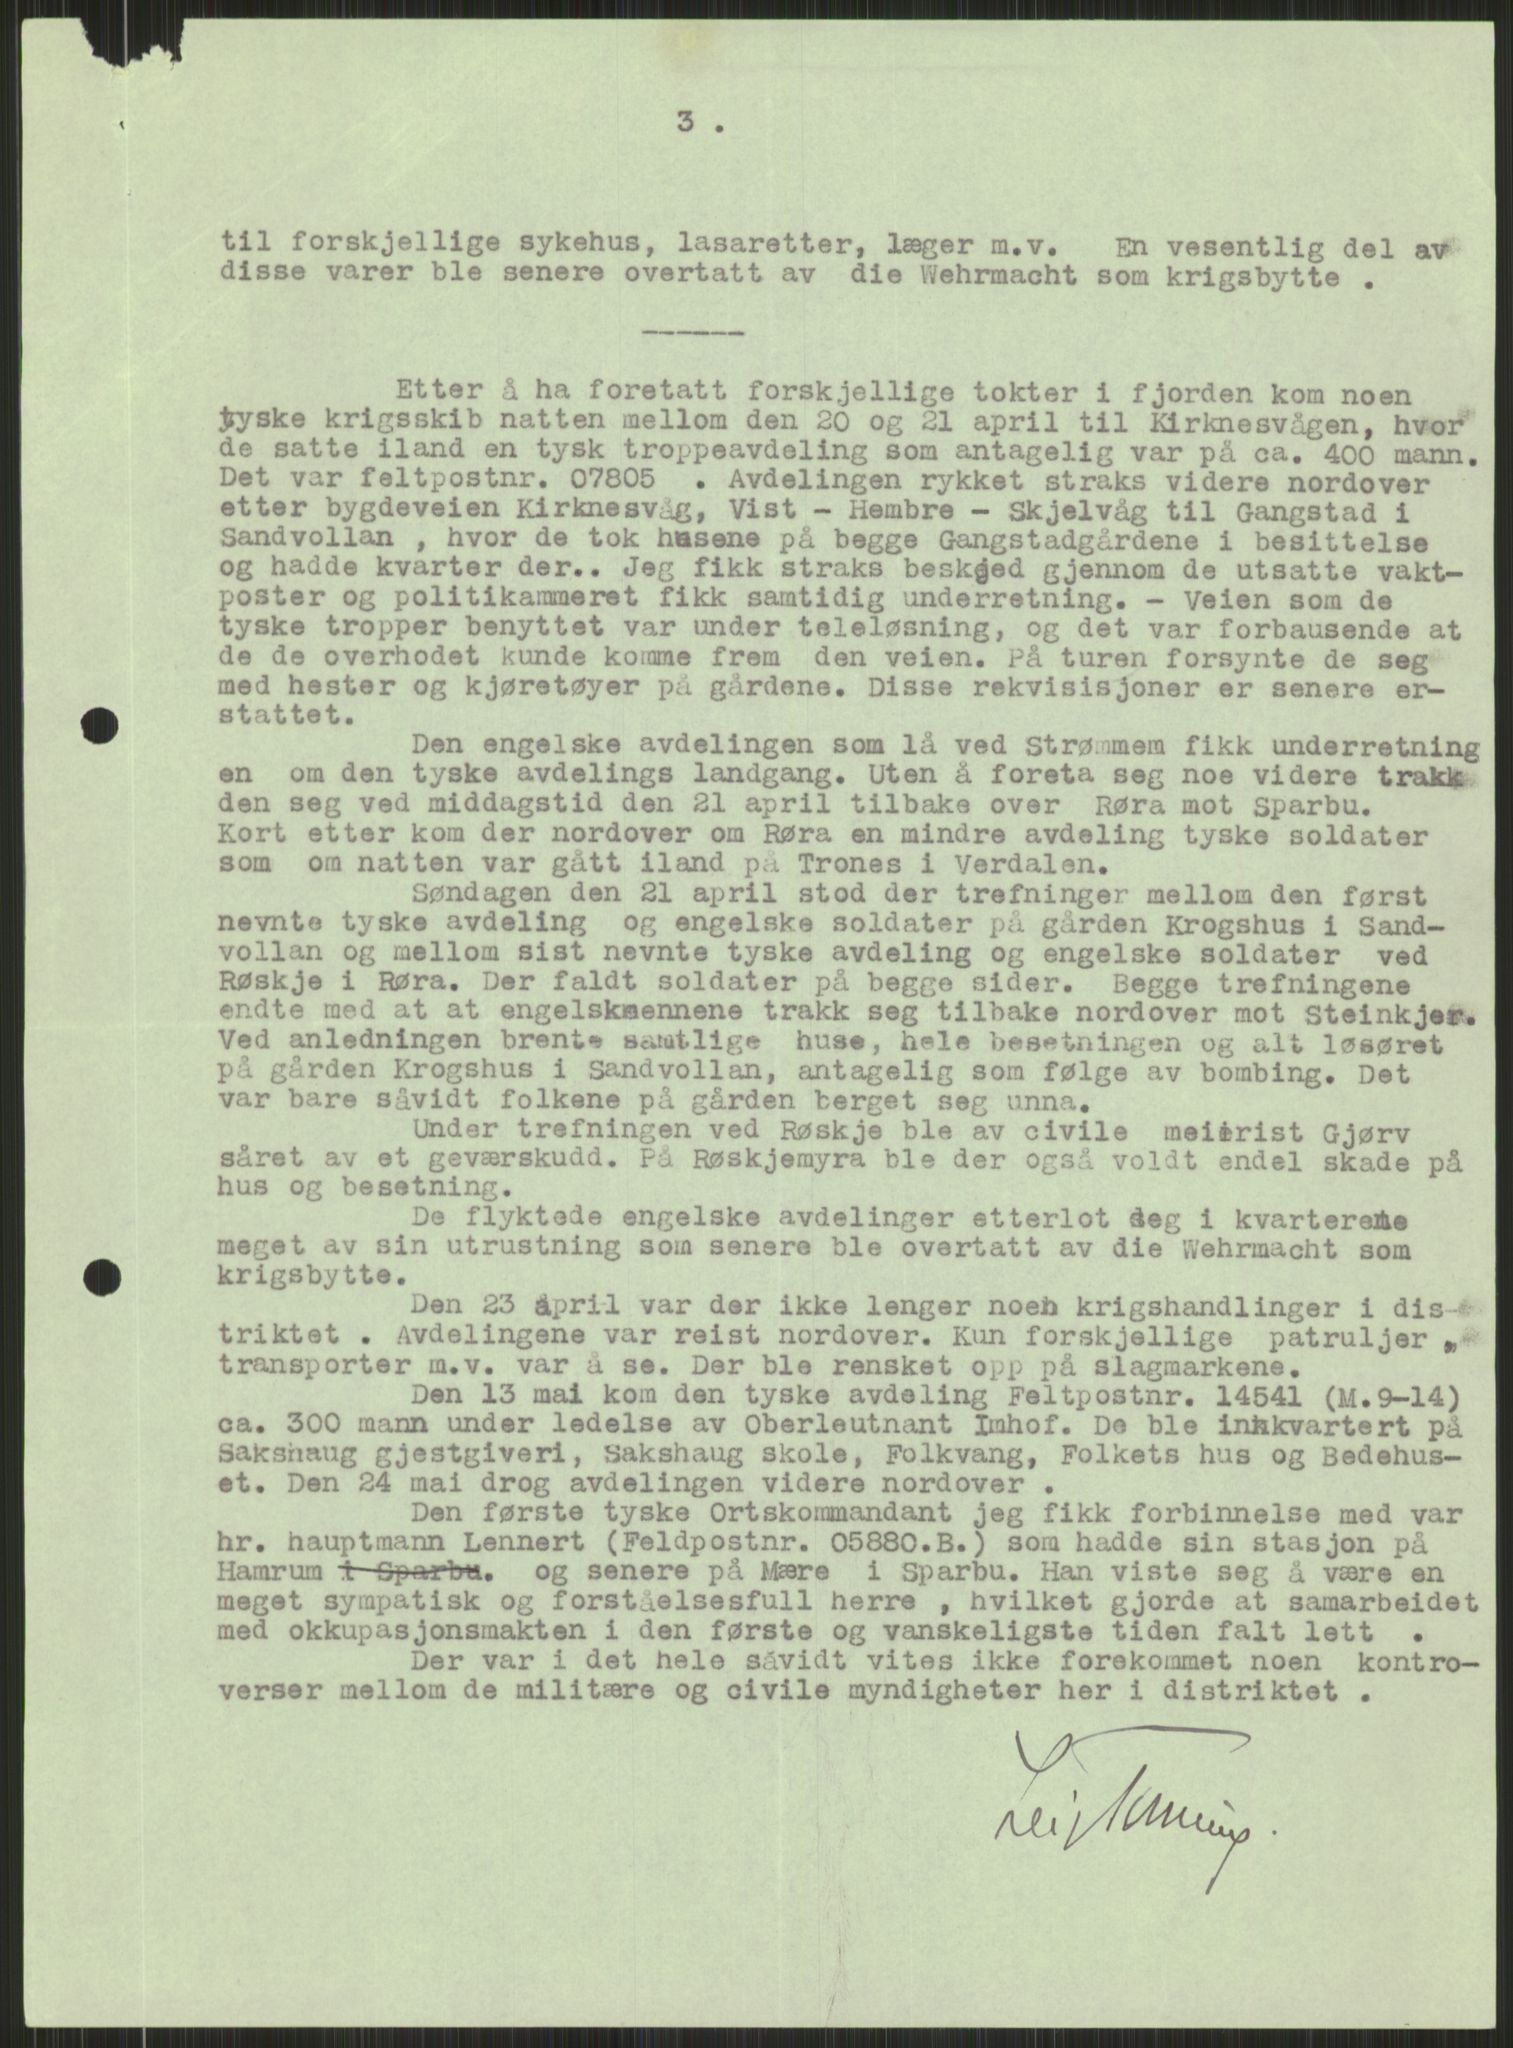 RA, Forsvaret, Forsvarets krigshistoriske avdeling, Y/Ya/L0016: II-C-11-31 - Fylkesmenn.  Rapporter om krigsbegivenhetene 1940., 1940, s. 481